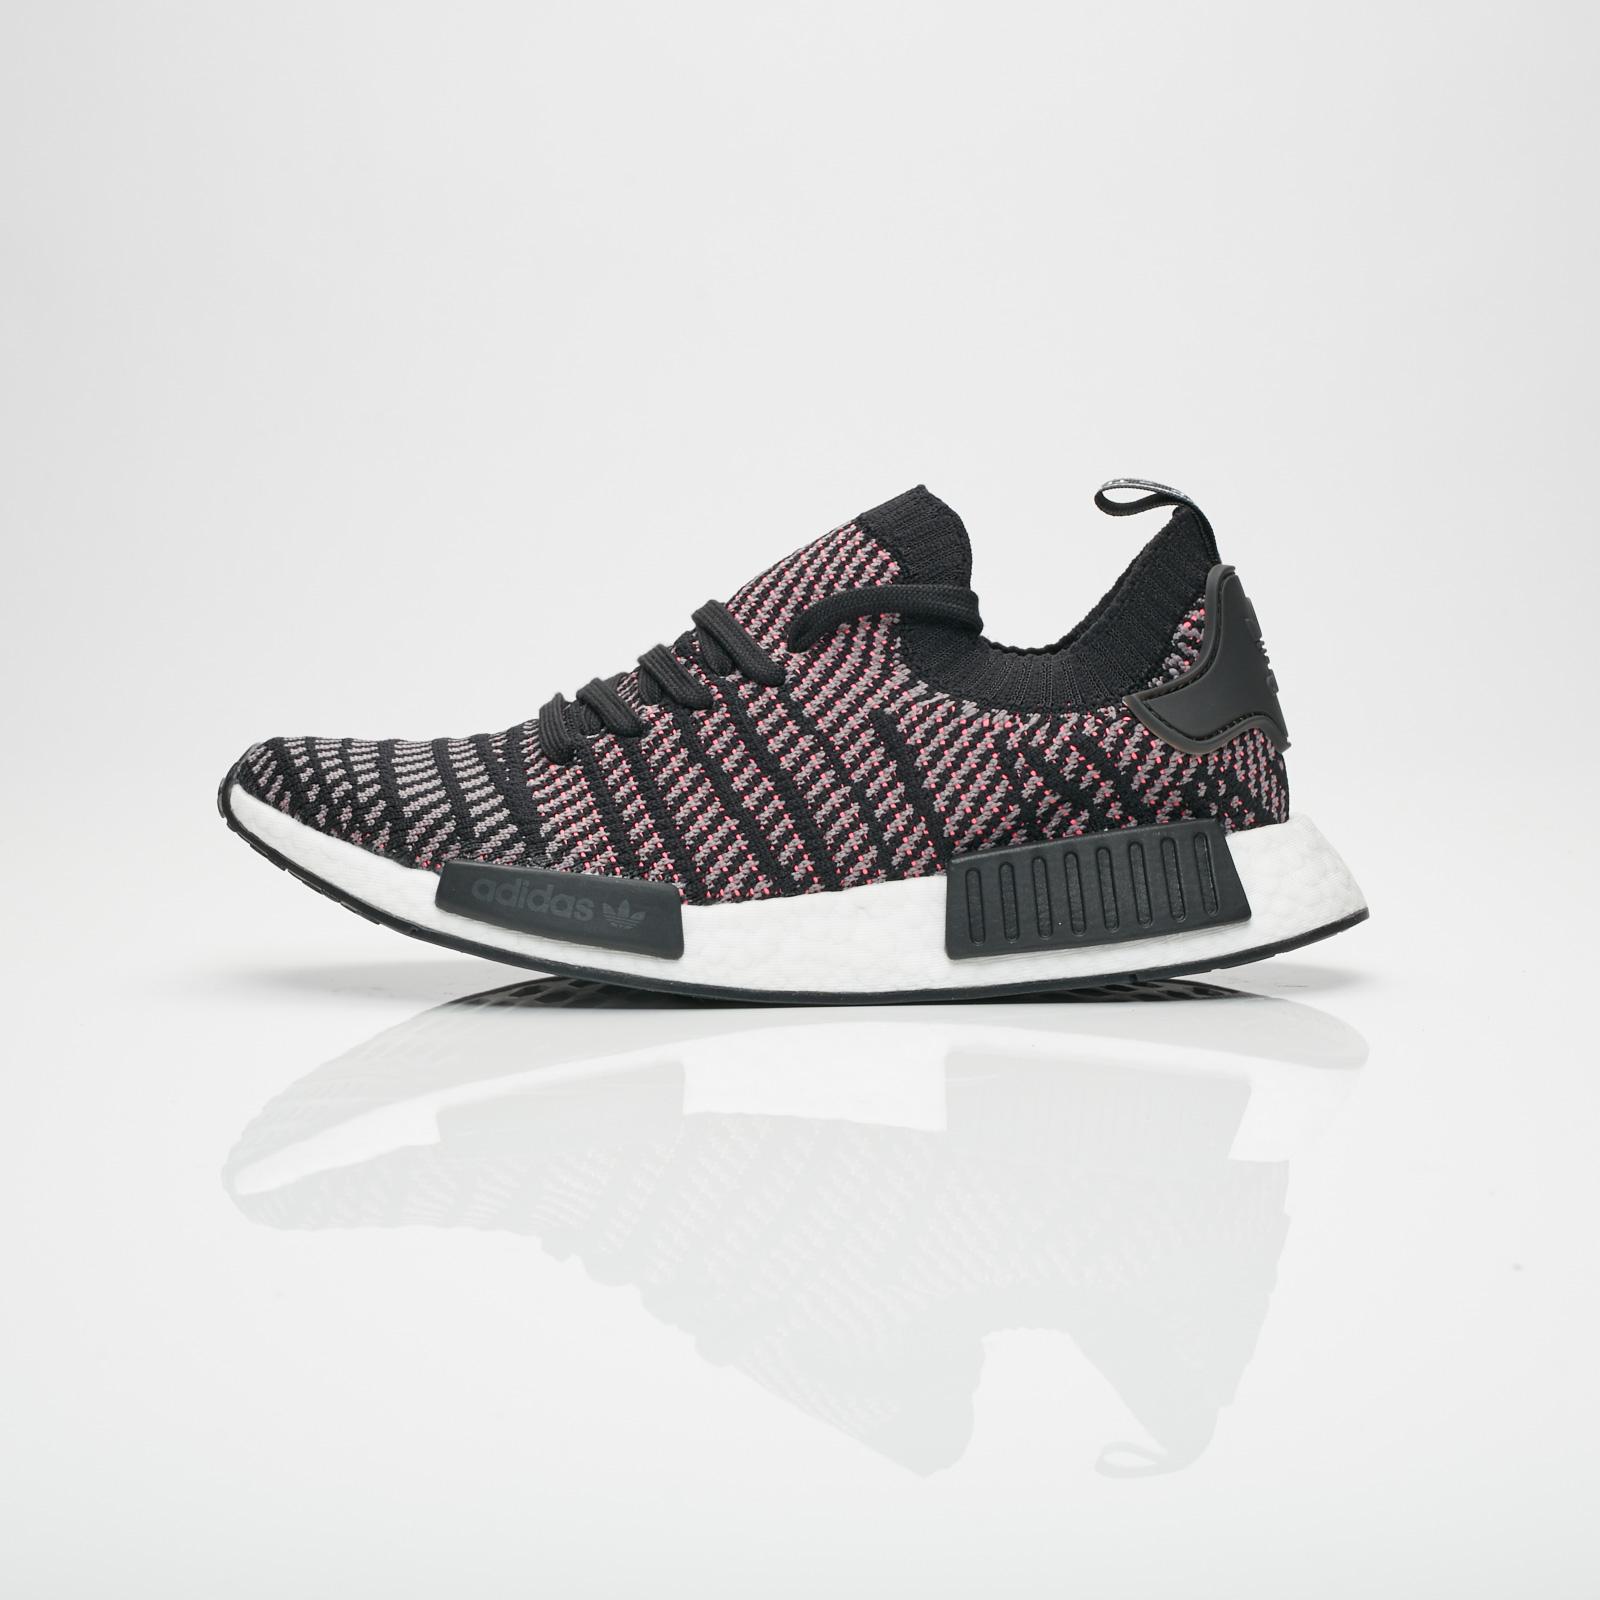 adidas NMD R1 STLT Primeknit - Cq2386 - Sneakersnstuff  2cf3dbaea